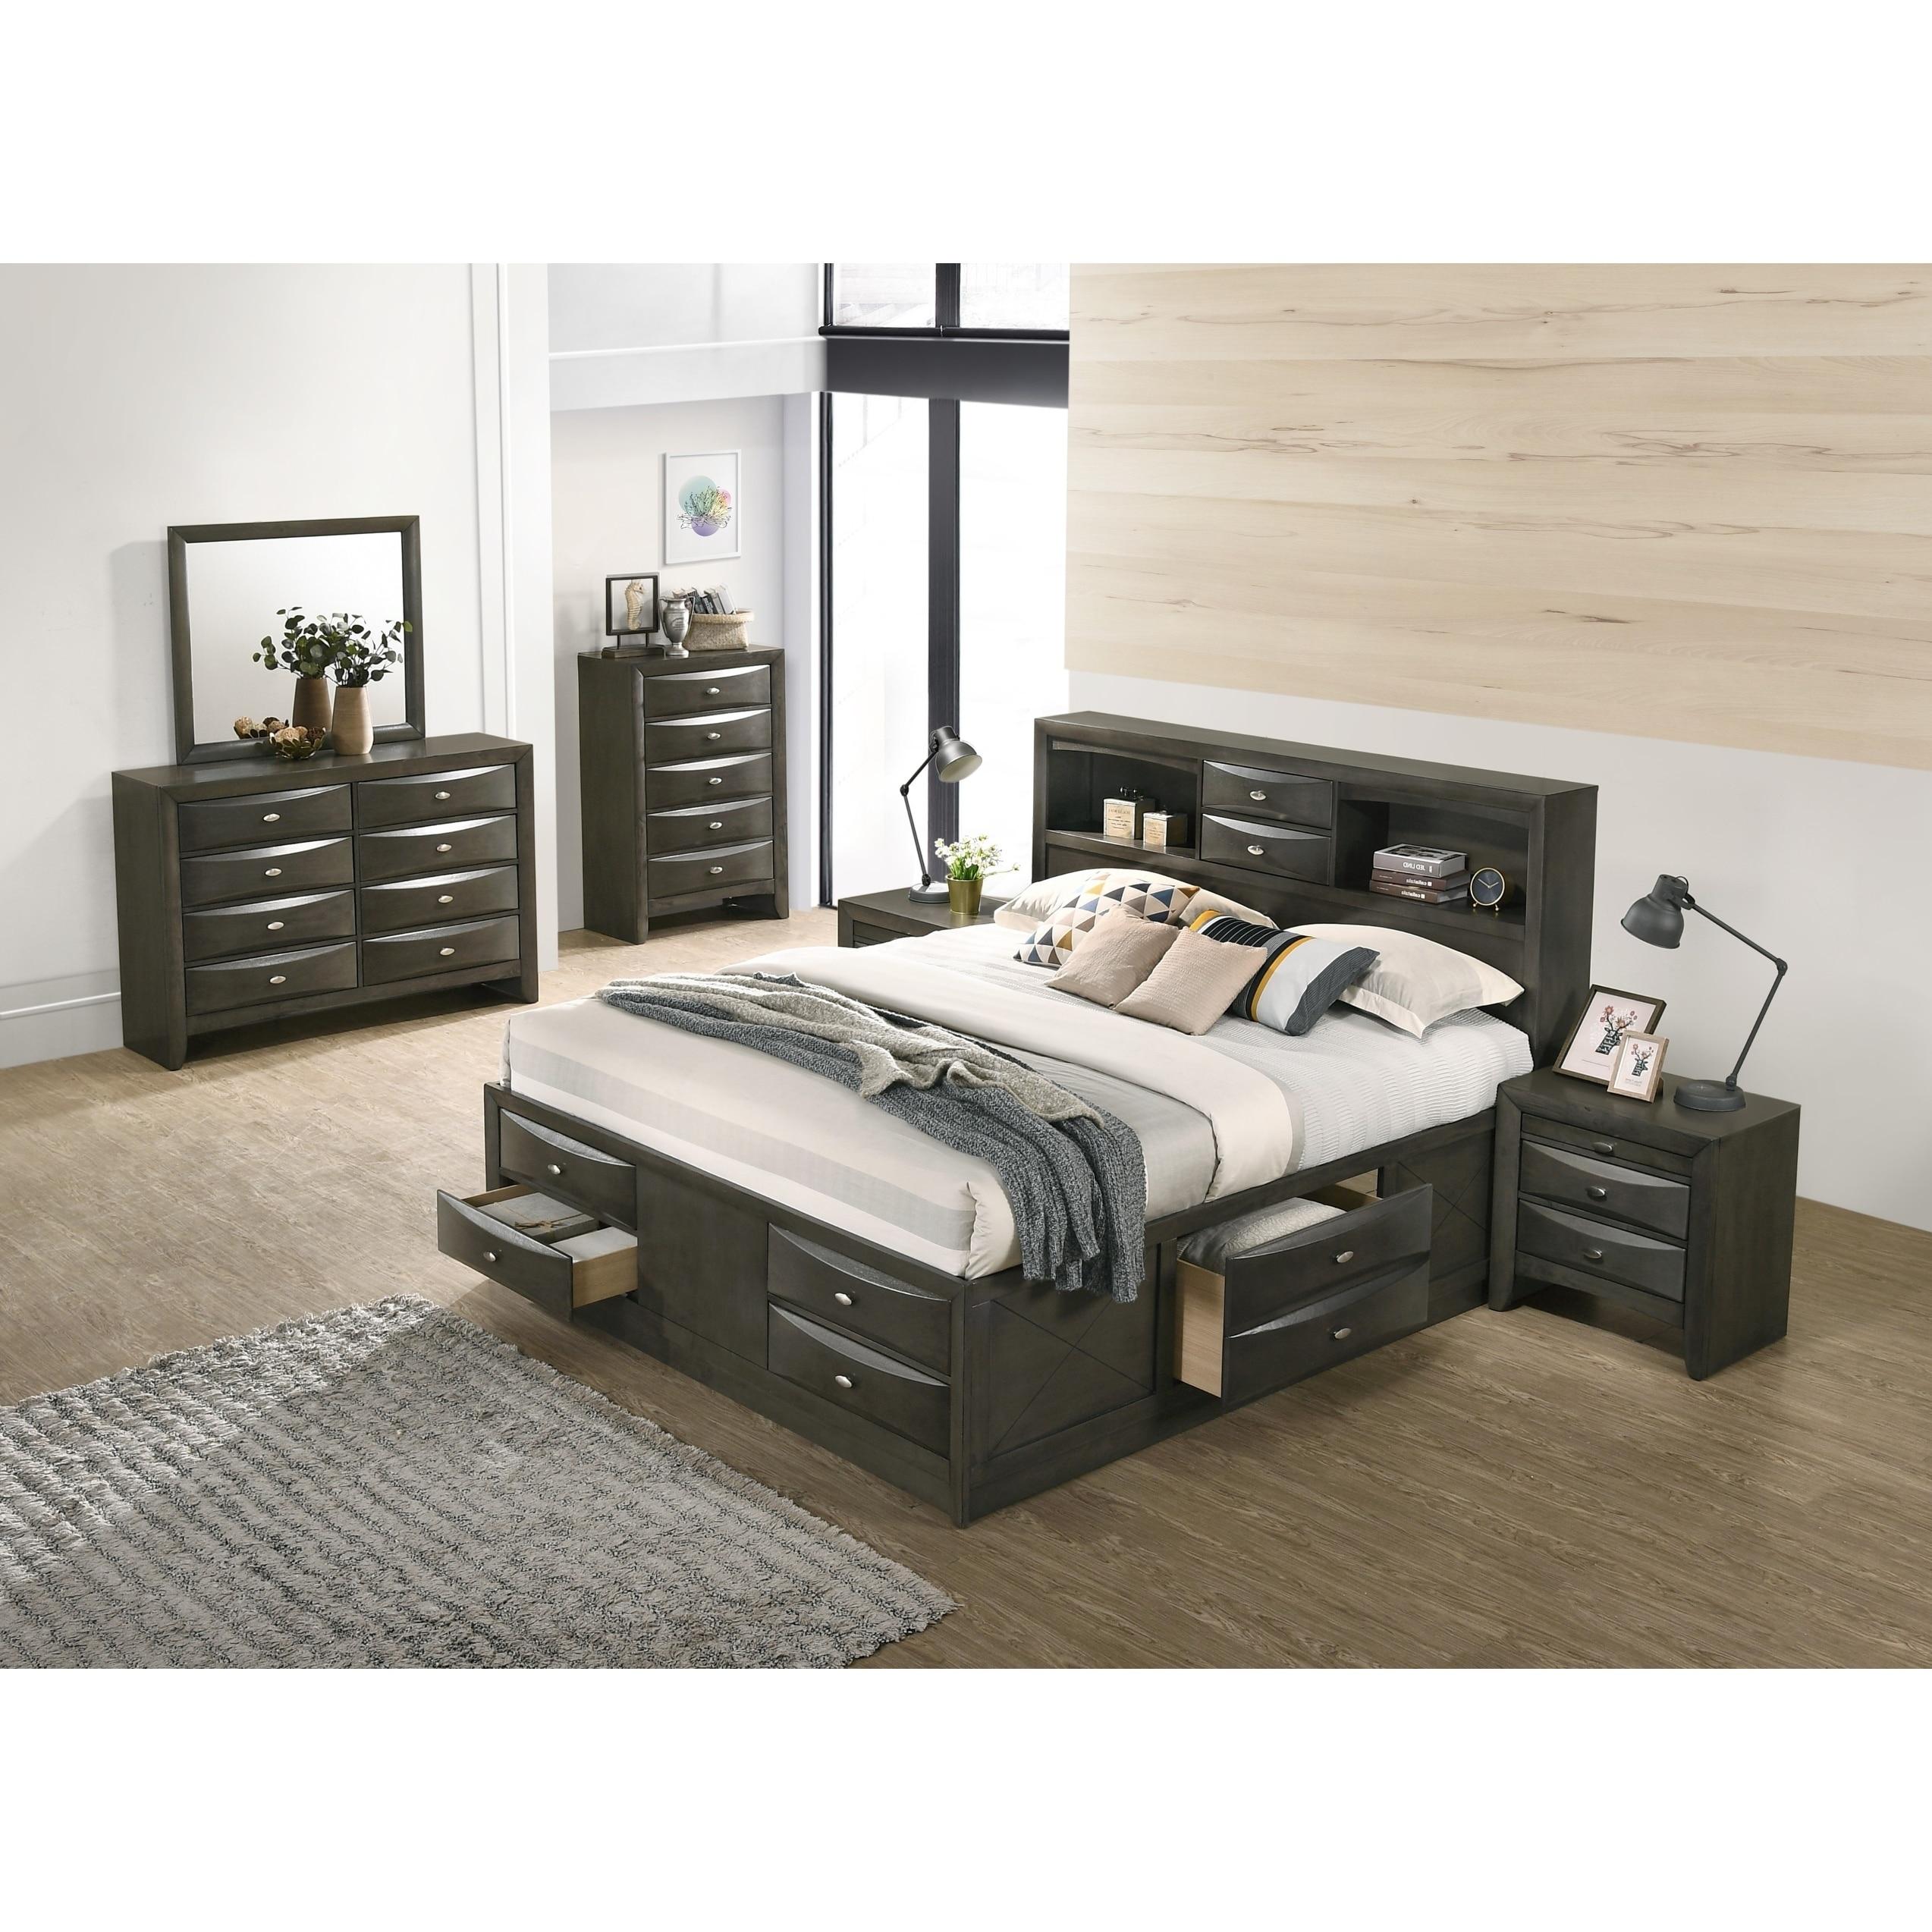 Leslie gray finish bed set bookcase headboard storage platform bed dresser mirror 2 night stands chest